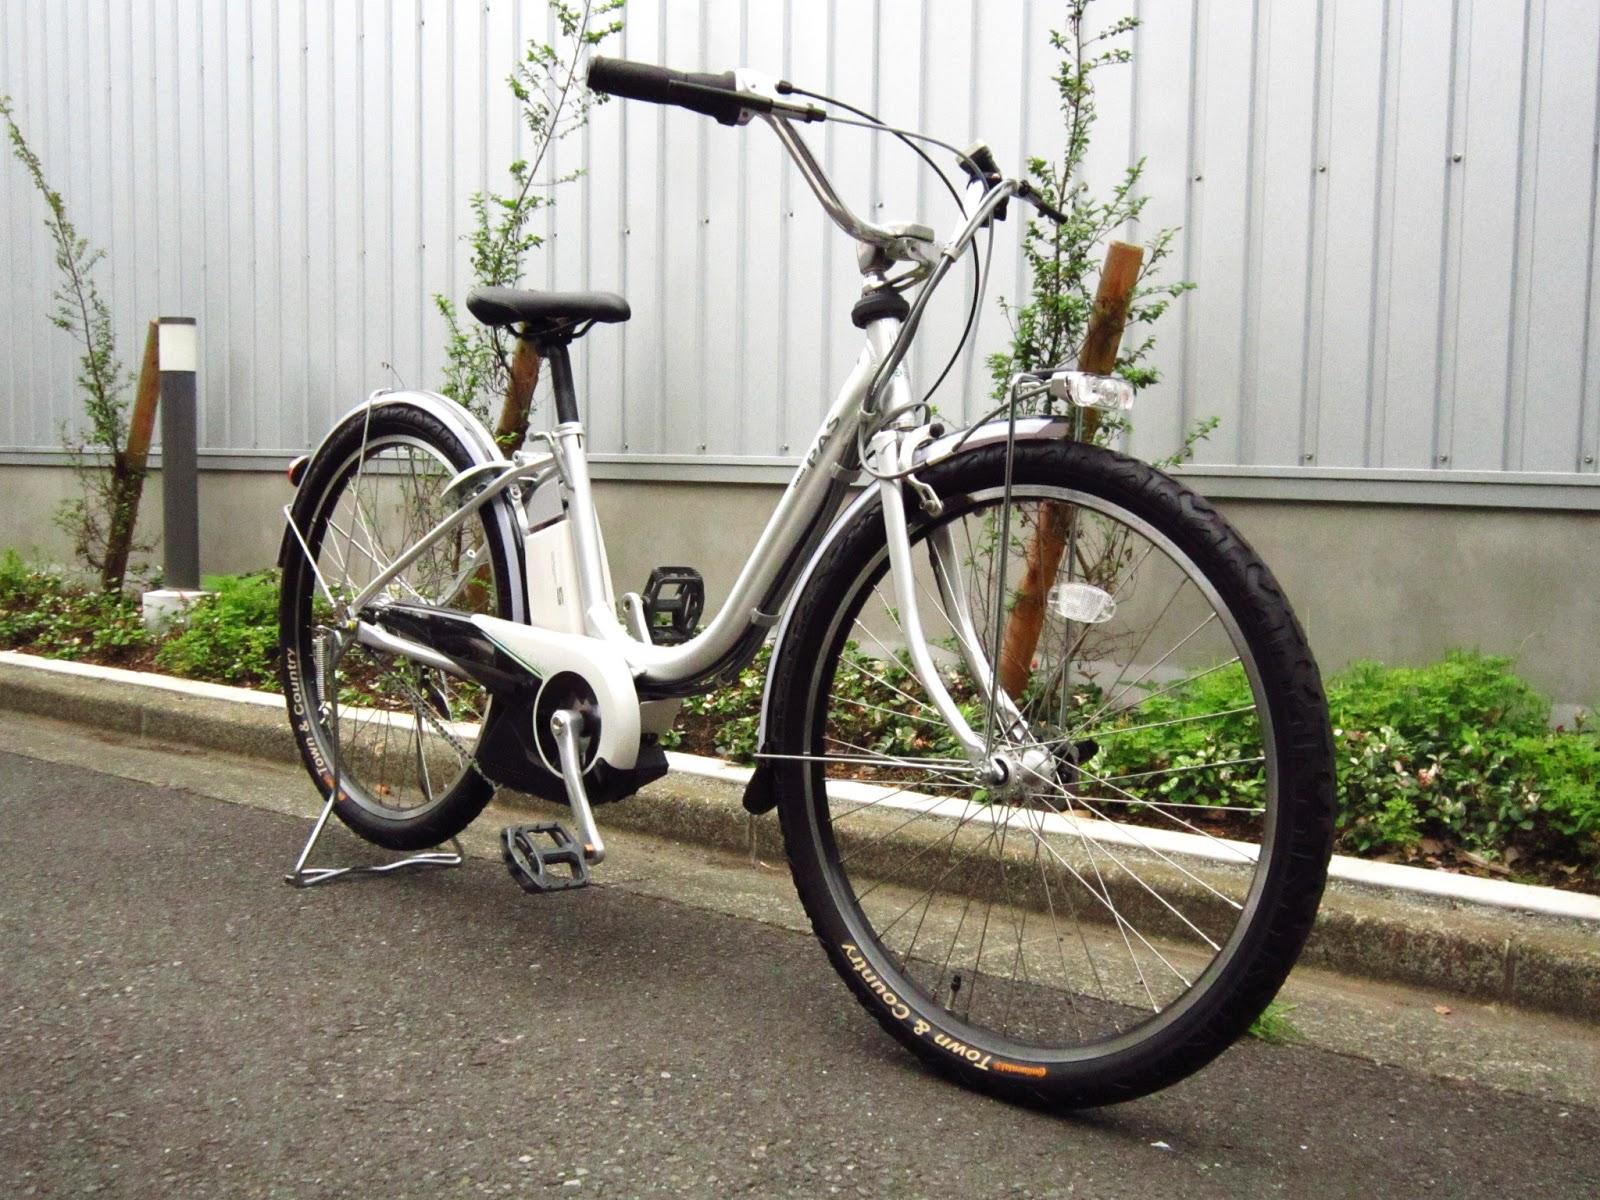 ... アシスト自転車 改造の画像